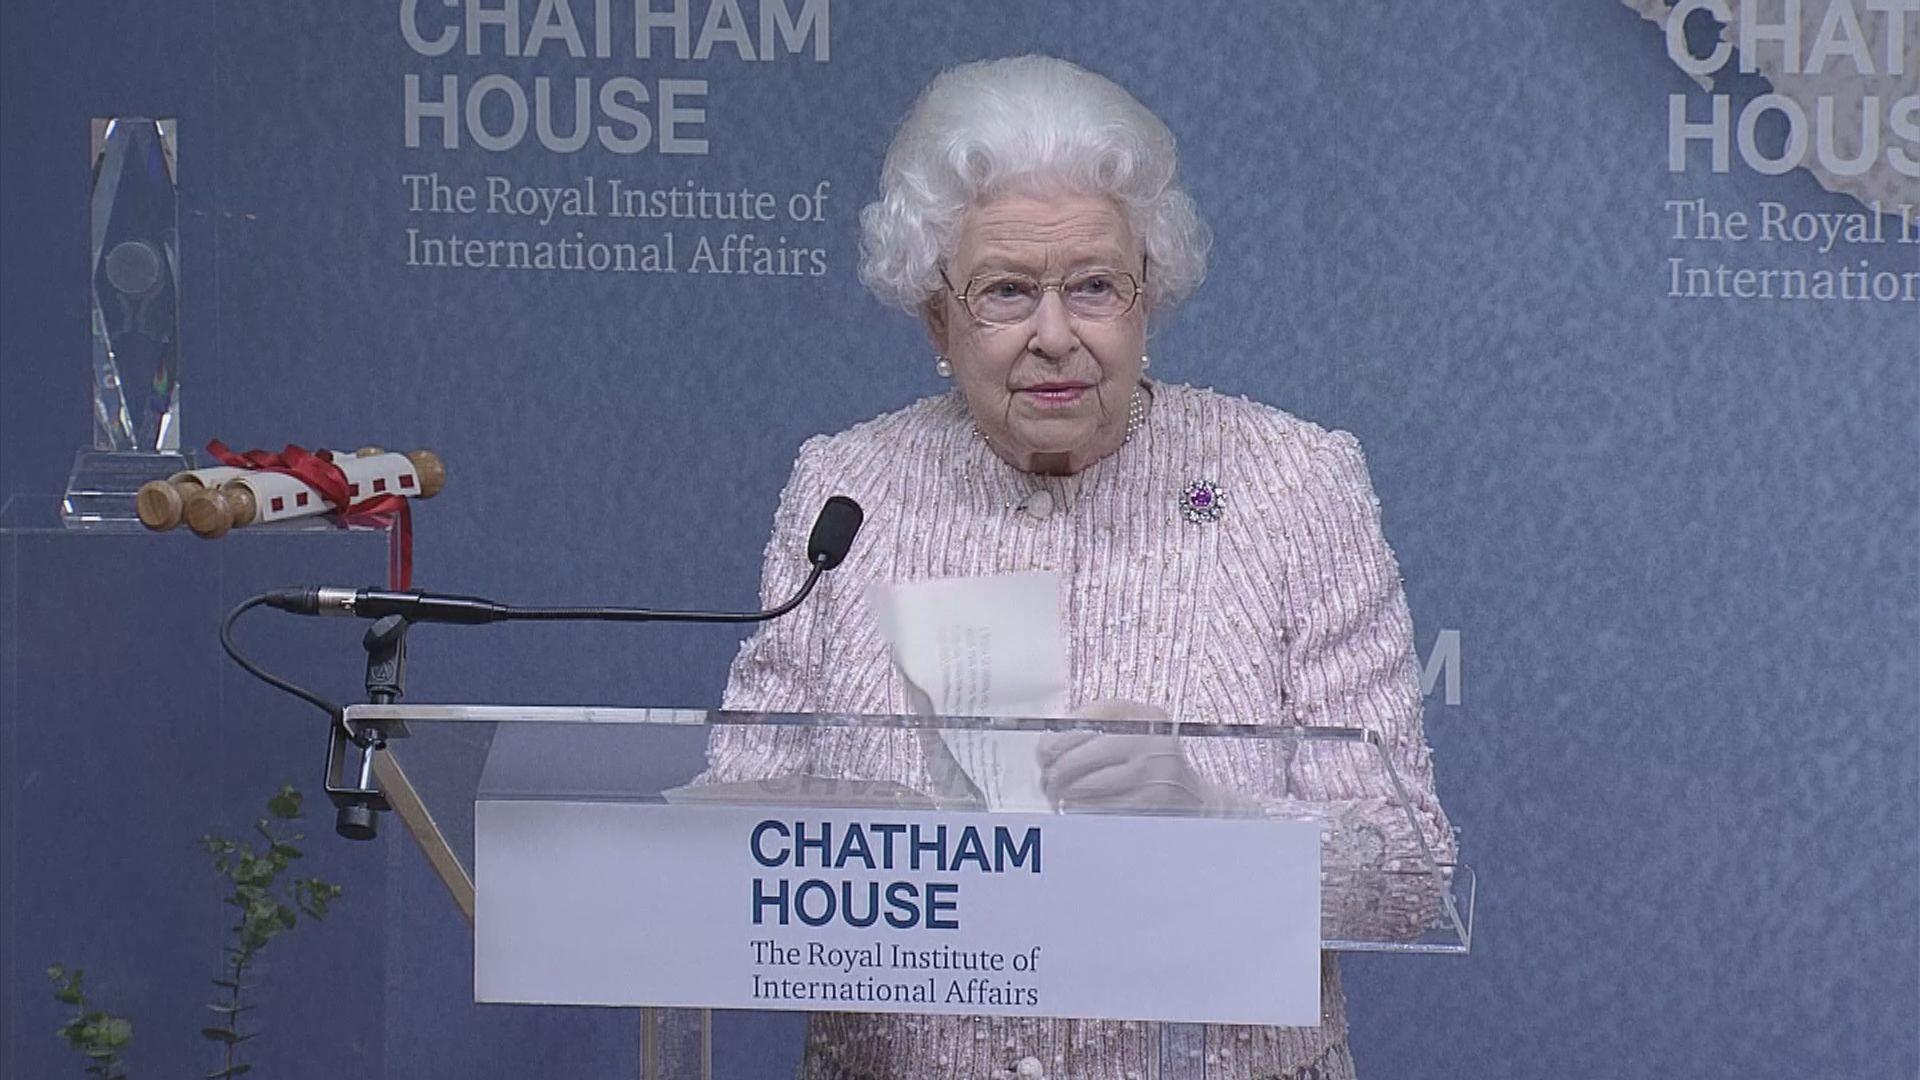 英女王表彰傳媒於新冠疫情期間提供可靠資訊